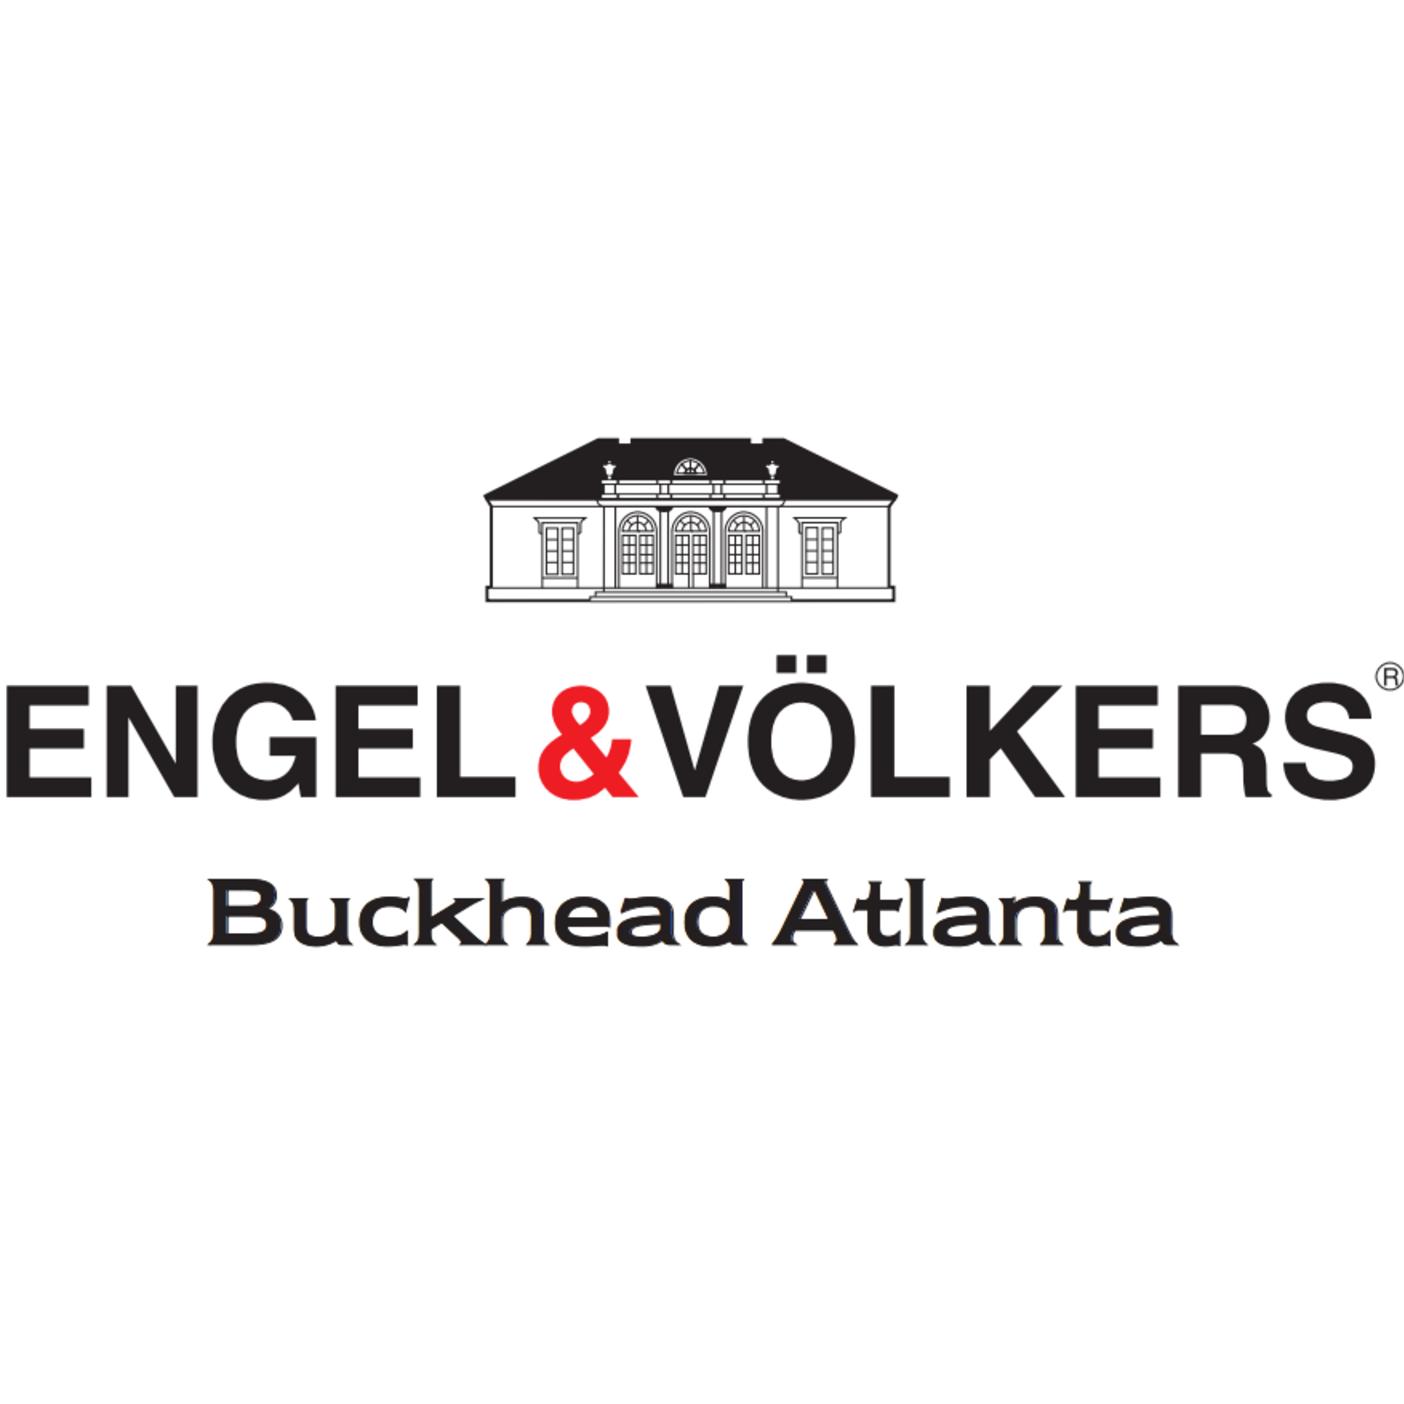 Bobbie Schmitt   Engel & Völkers, Buckhead-Atlanta